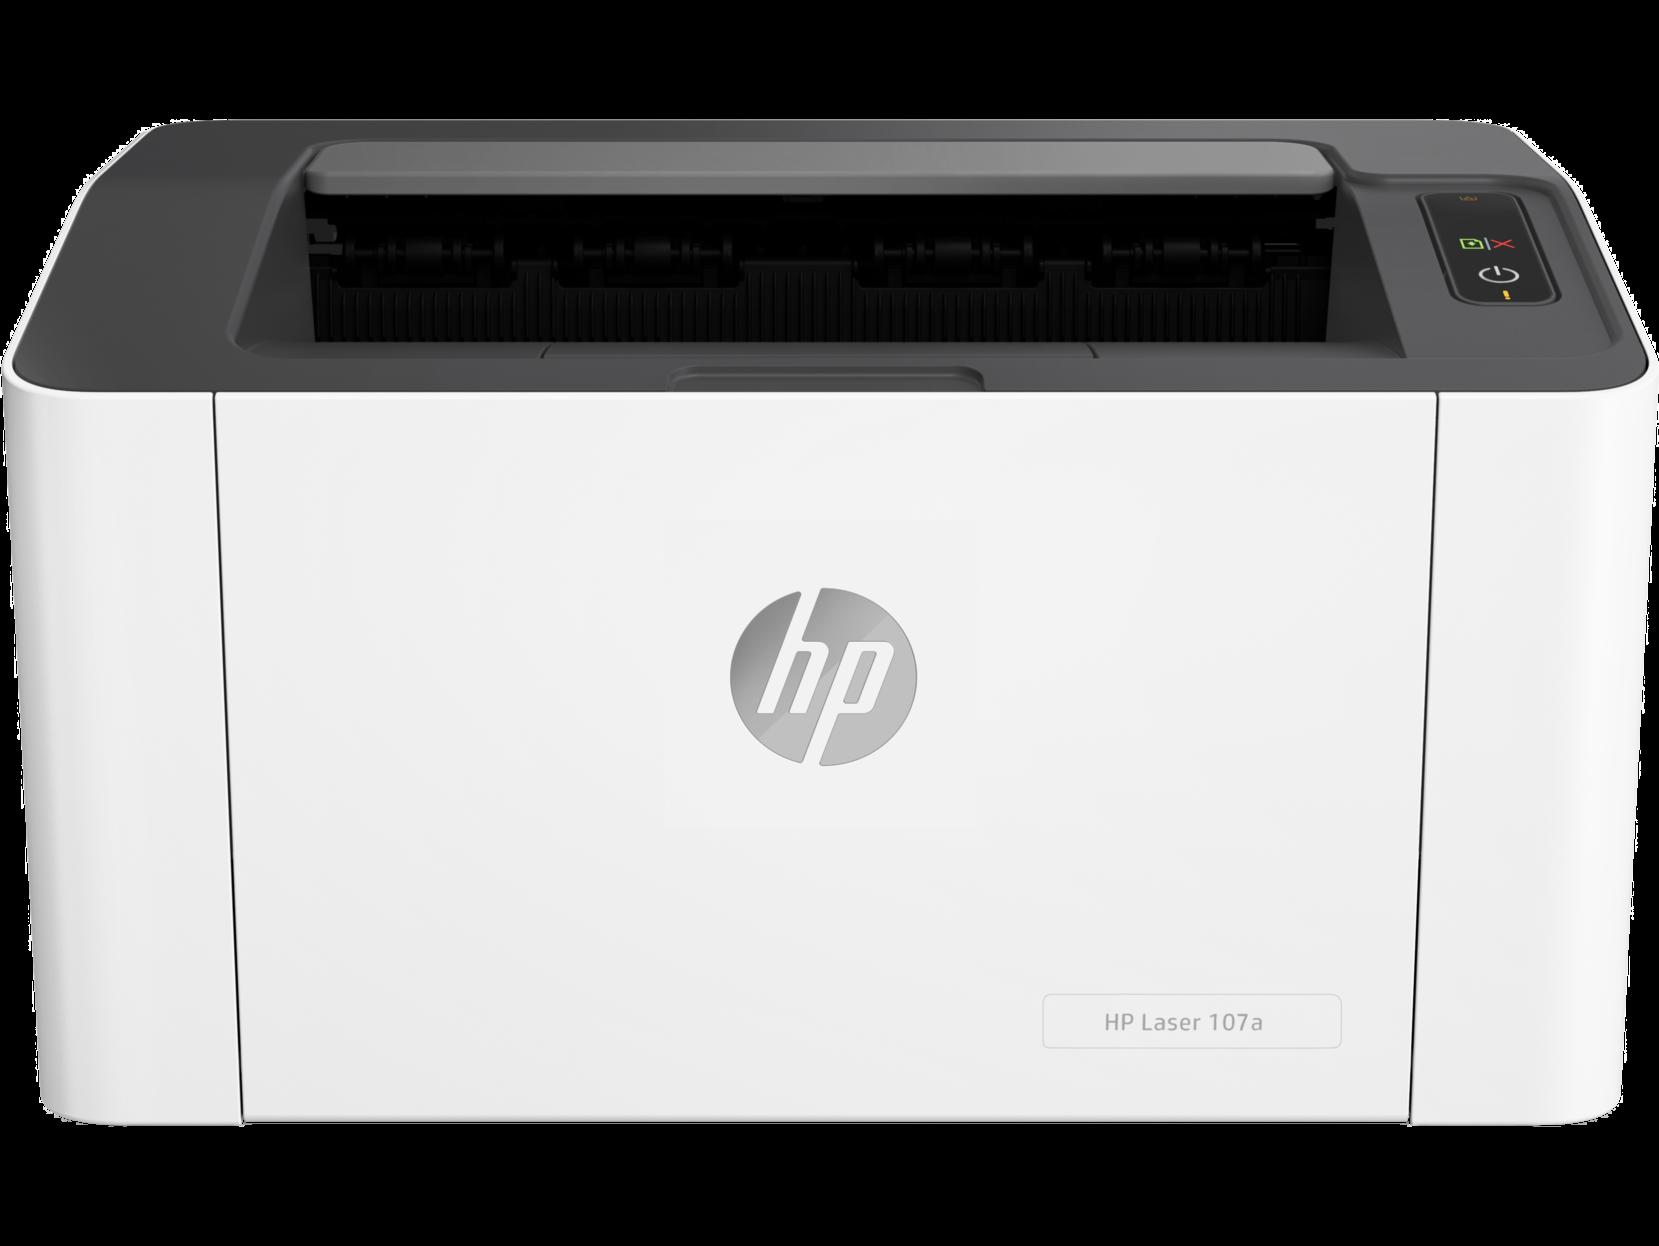 Монохромный лазерный принтер HP Laser 107a, Белый, Китай  - купить со скидкой